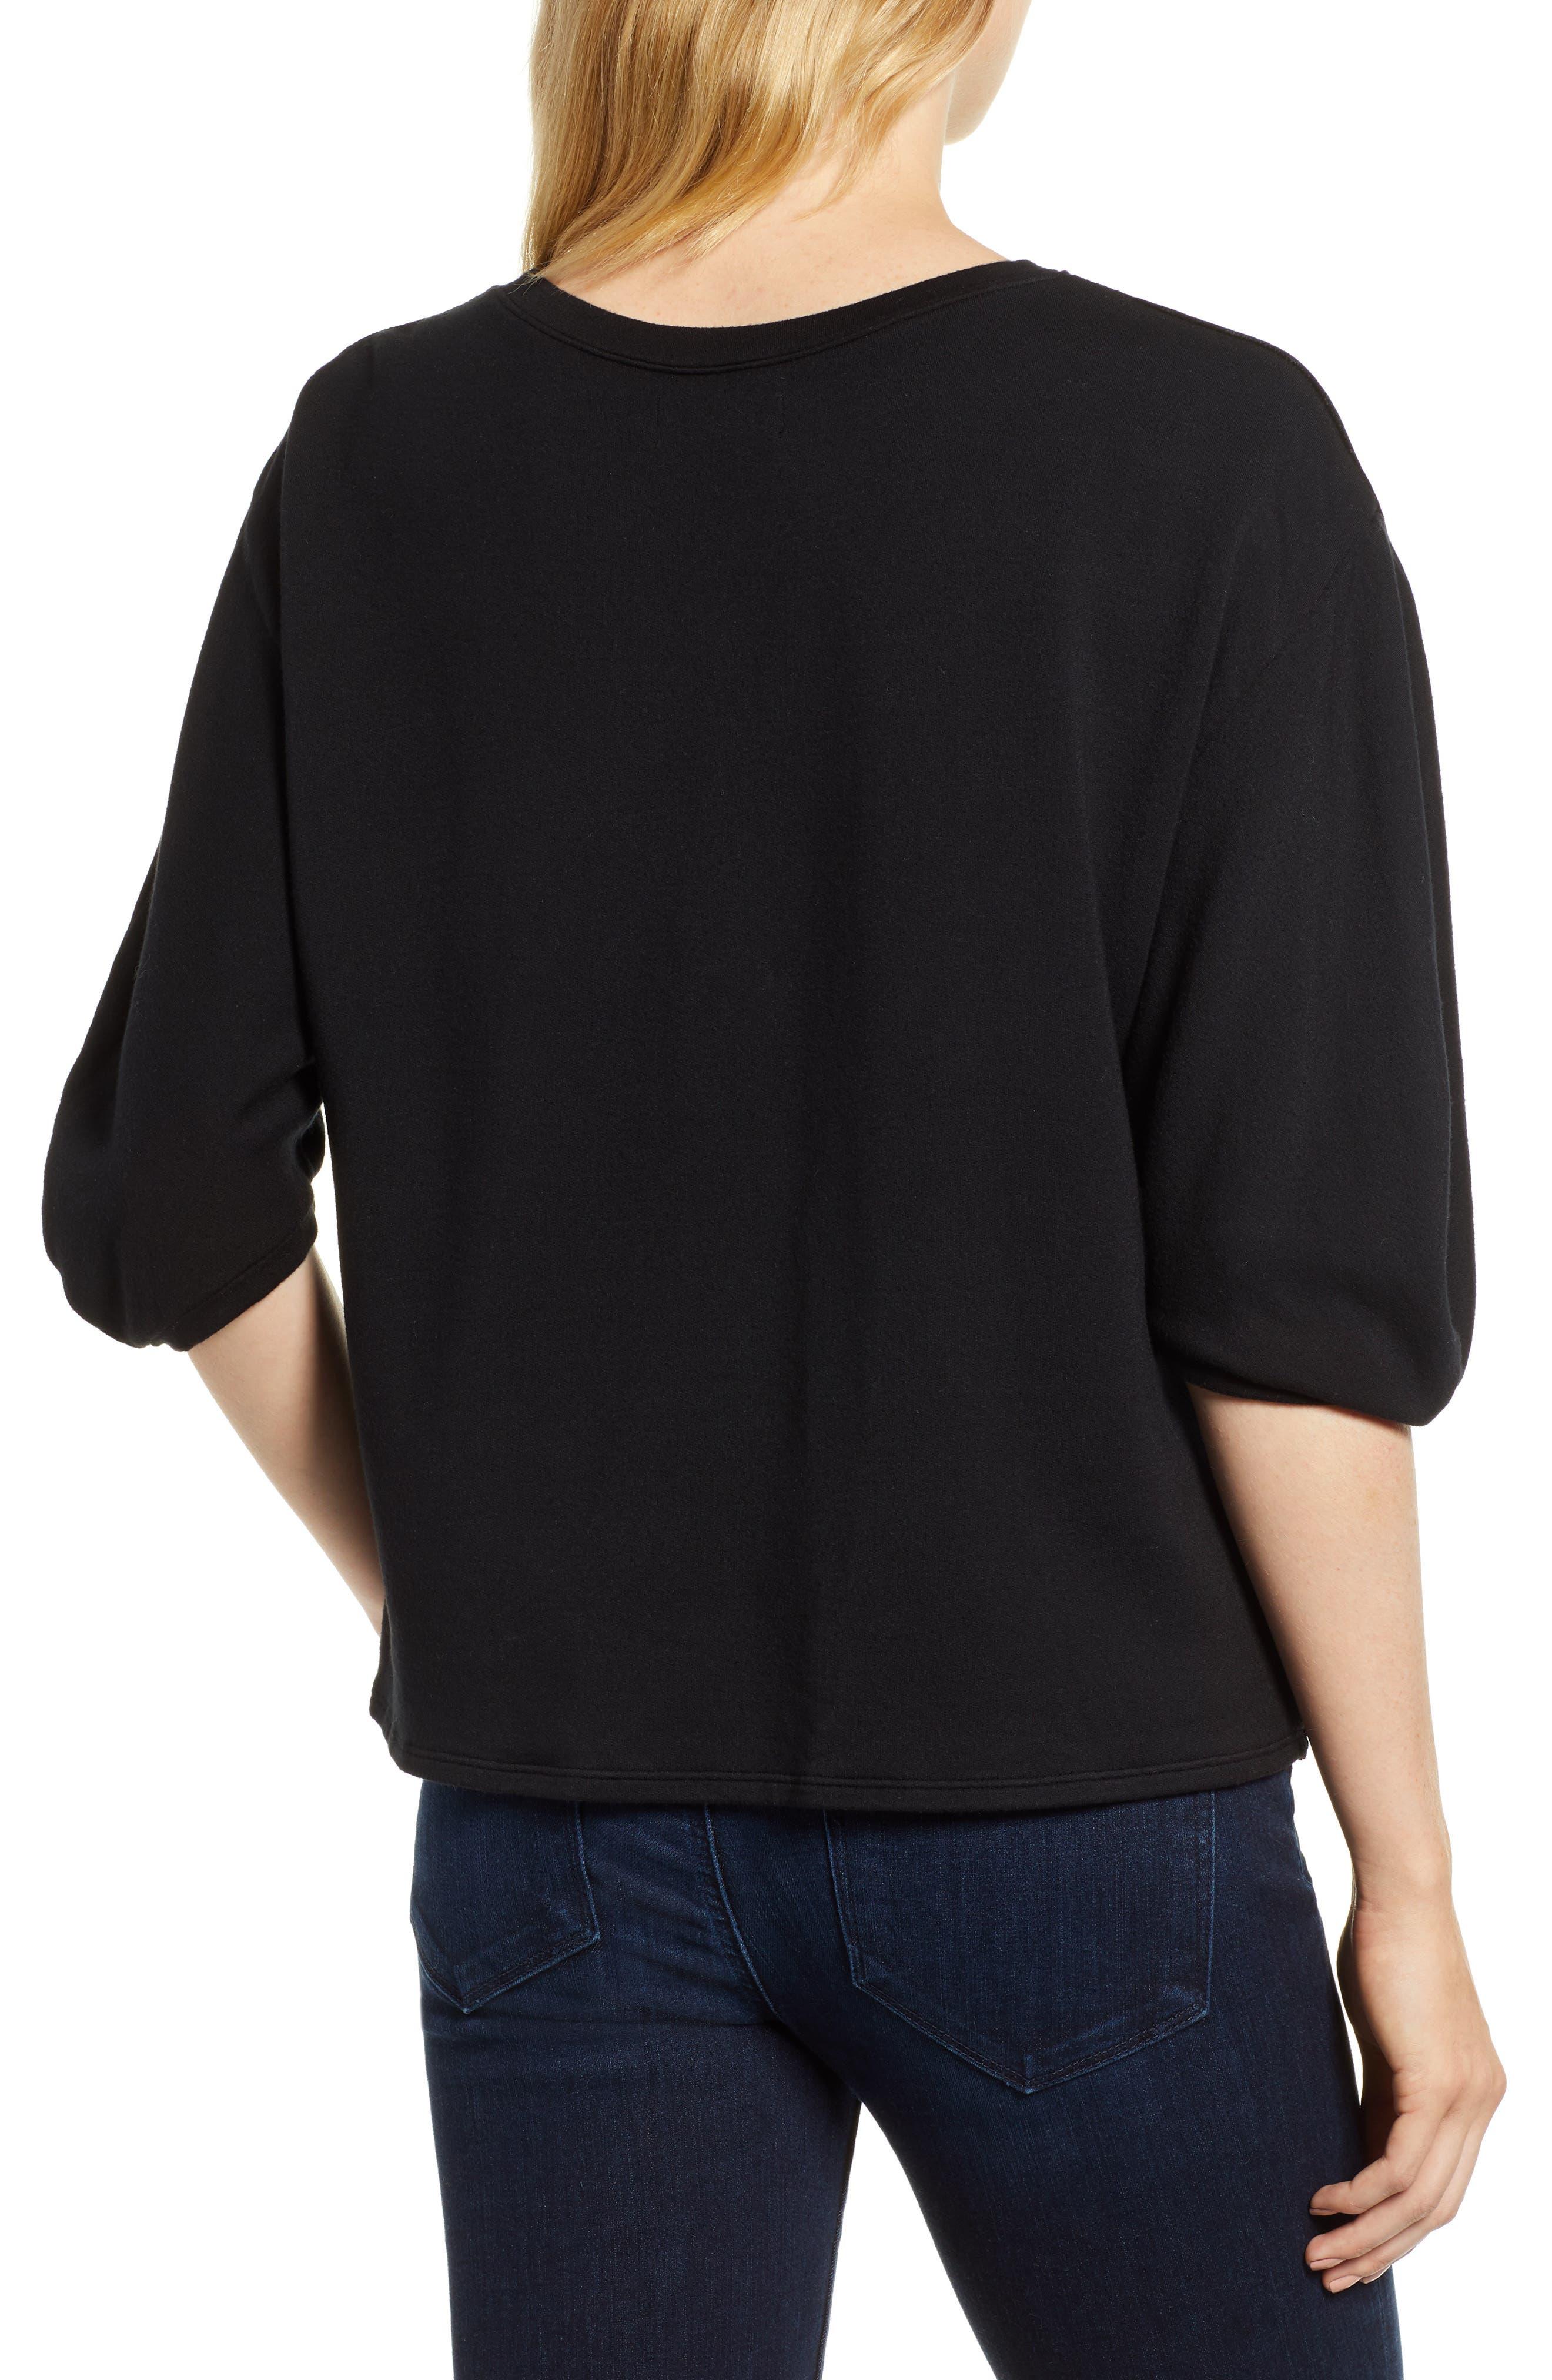 Velvet & Fleece Half Sleeve Top,                             Alternate thumbnail 2, color,                             BLACK